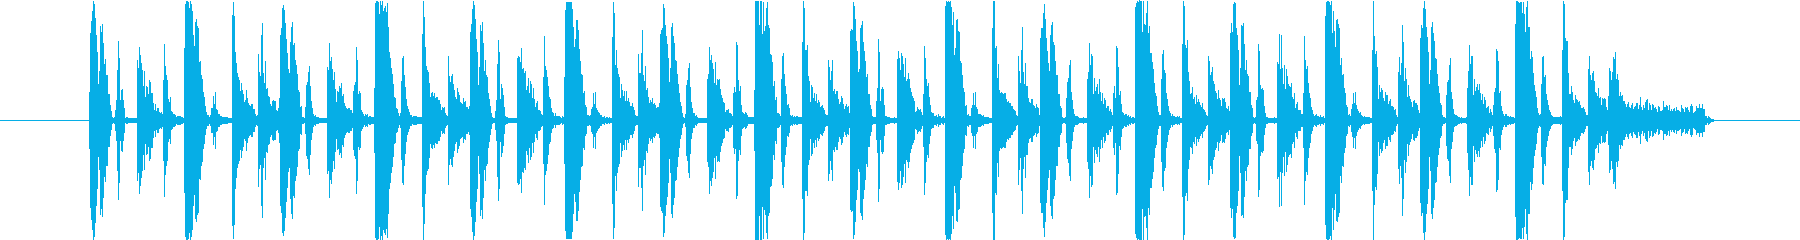 ファンキーなアイキャッチの再生済みの波形